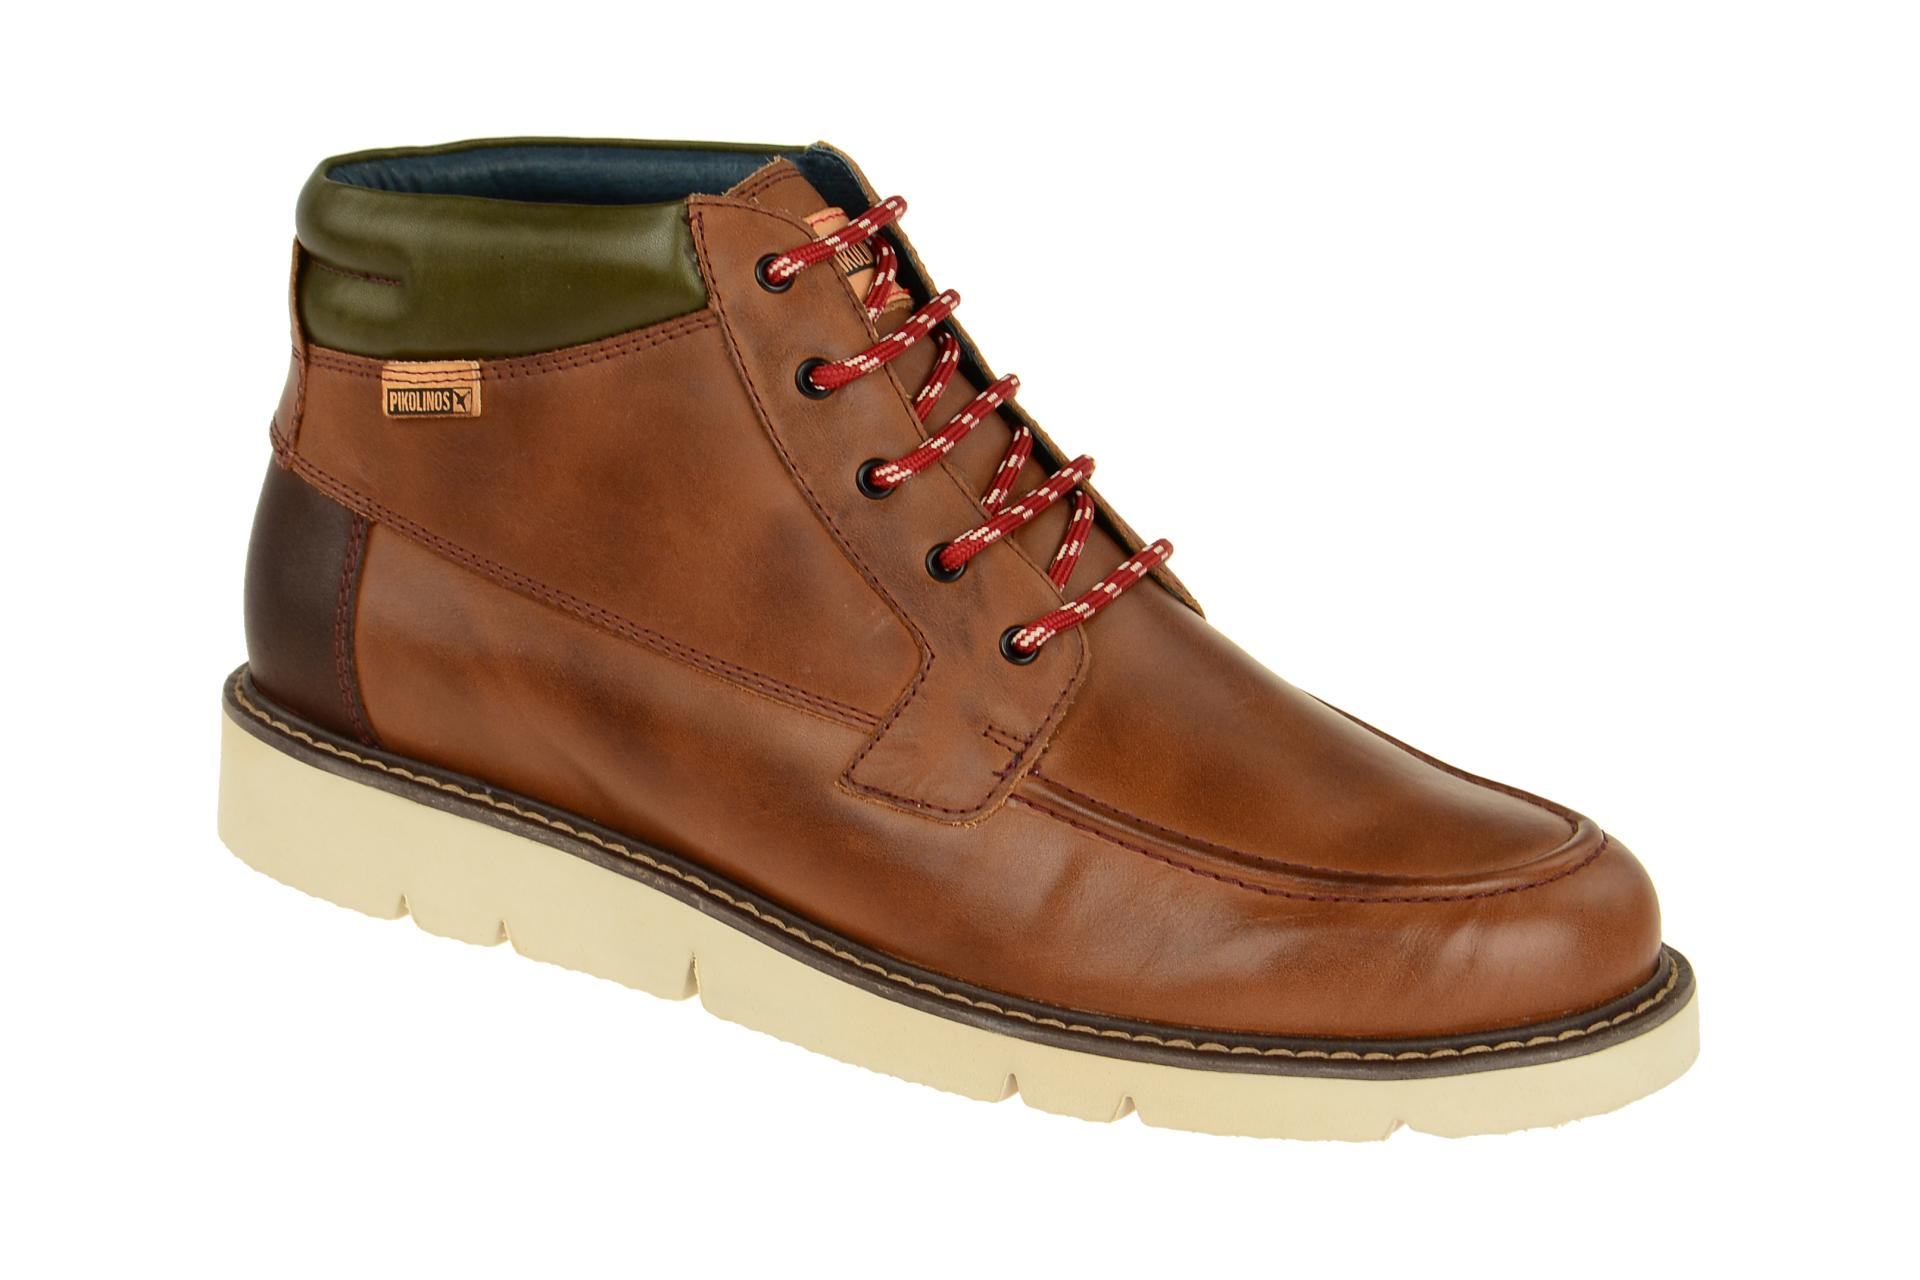 Pikolinos Schuhe ALPES braun Herrenstiefelette M7H-8124 cuero NEU